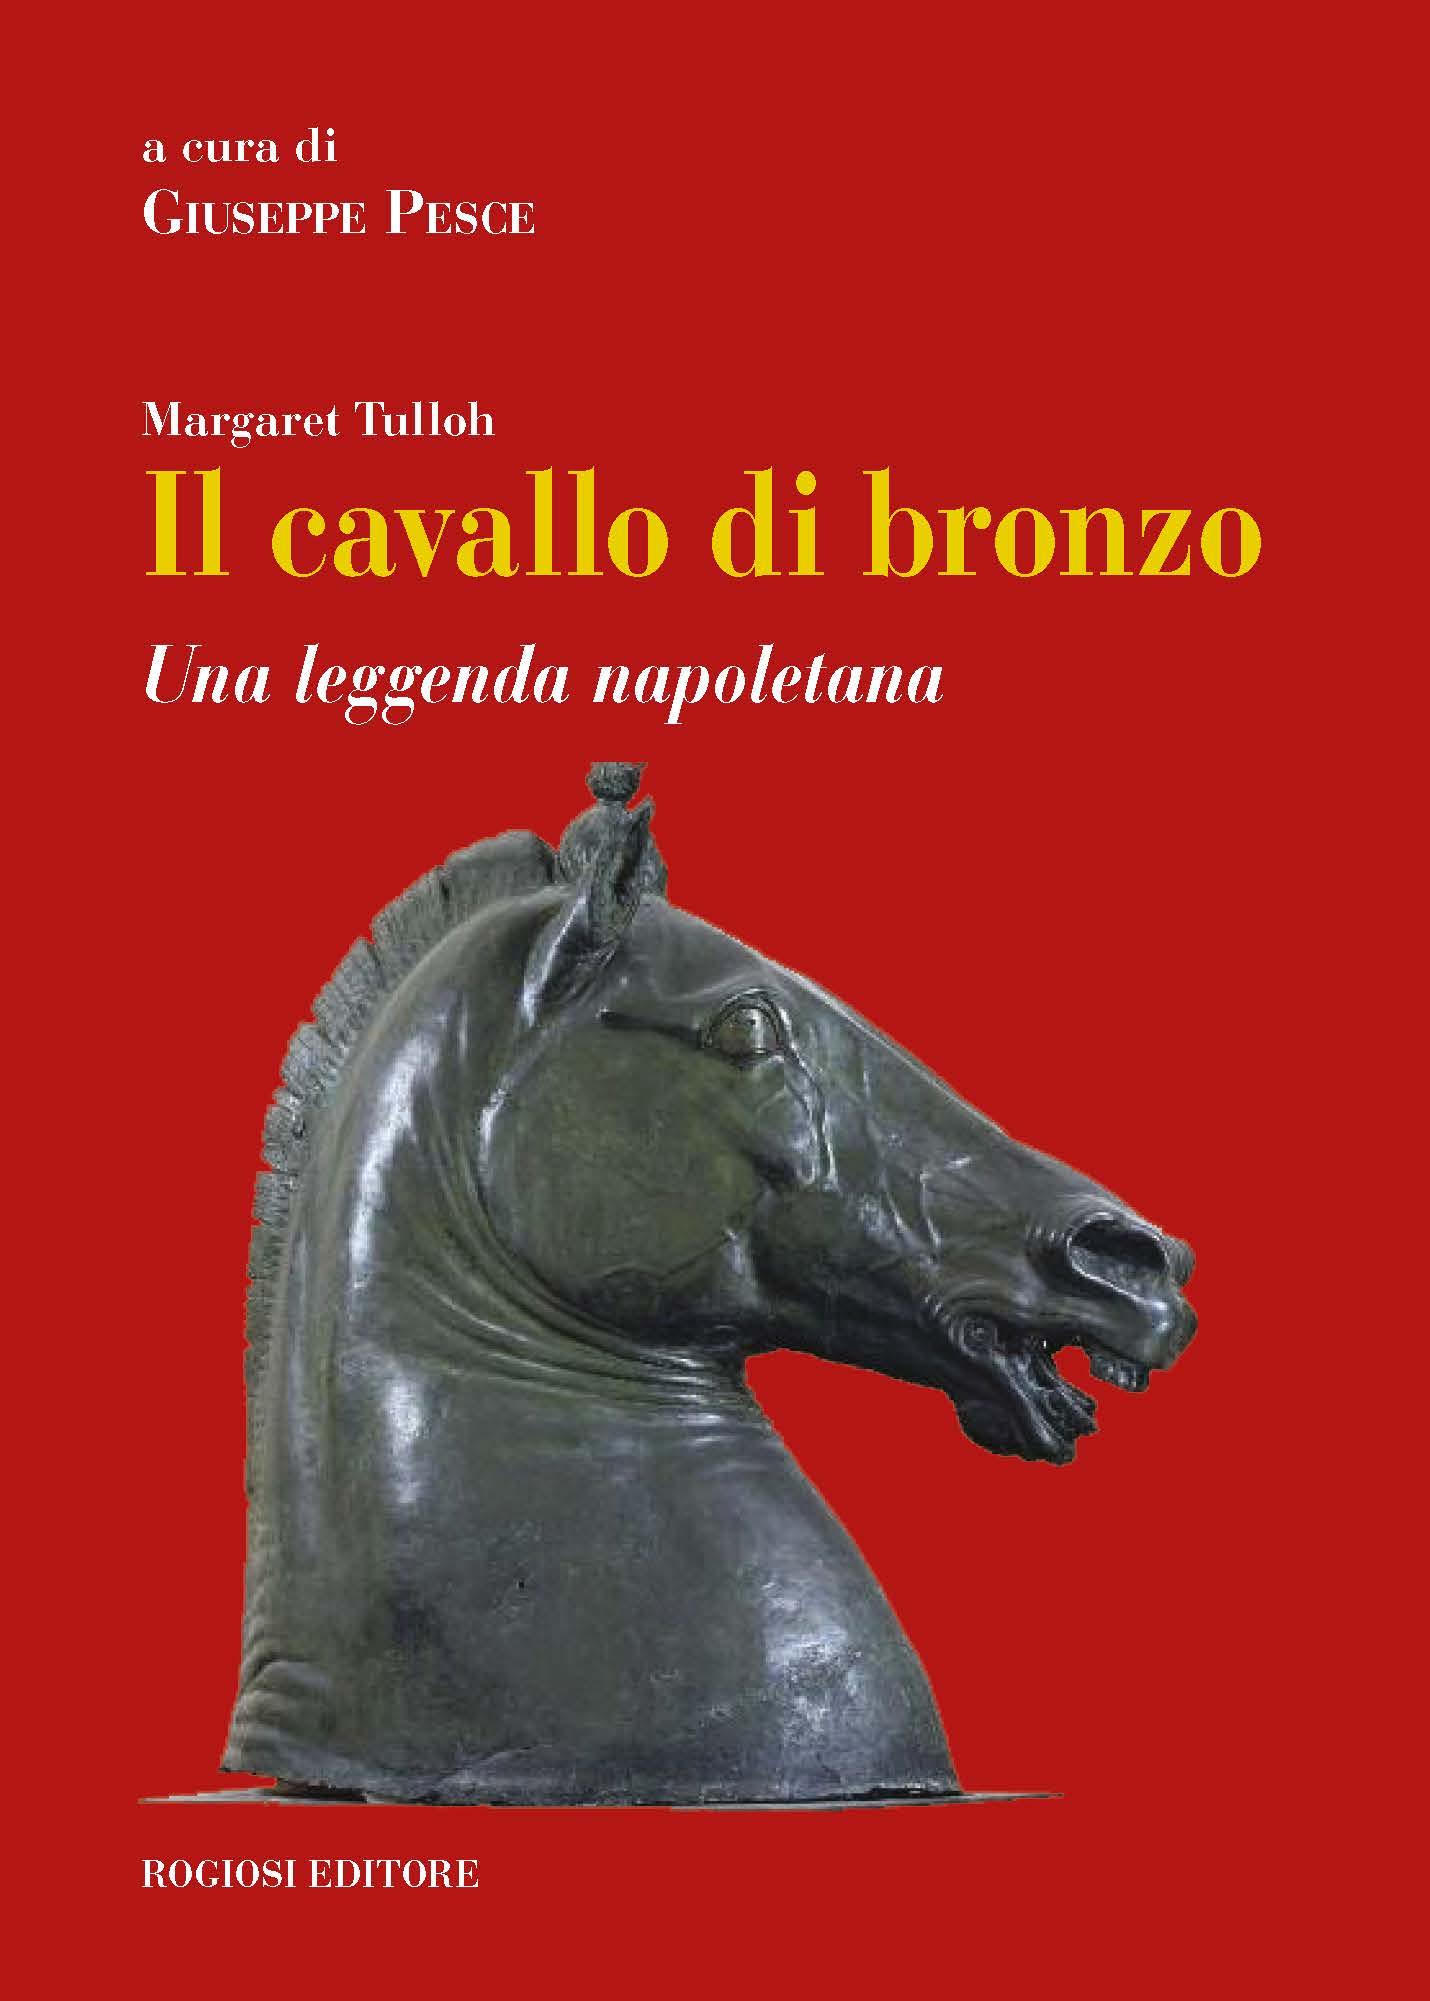 IL CAVALLO DI BRONZO -Una leggenda napoletana